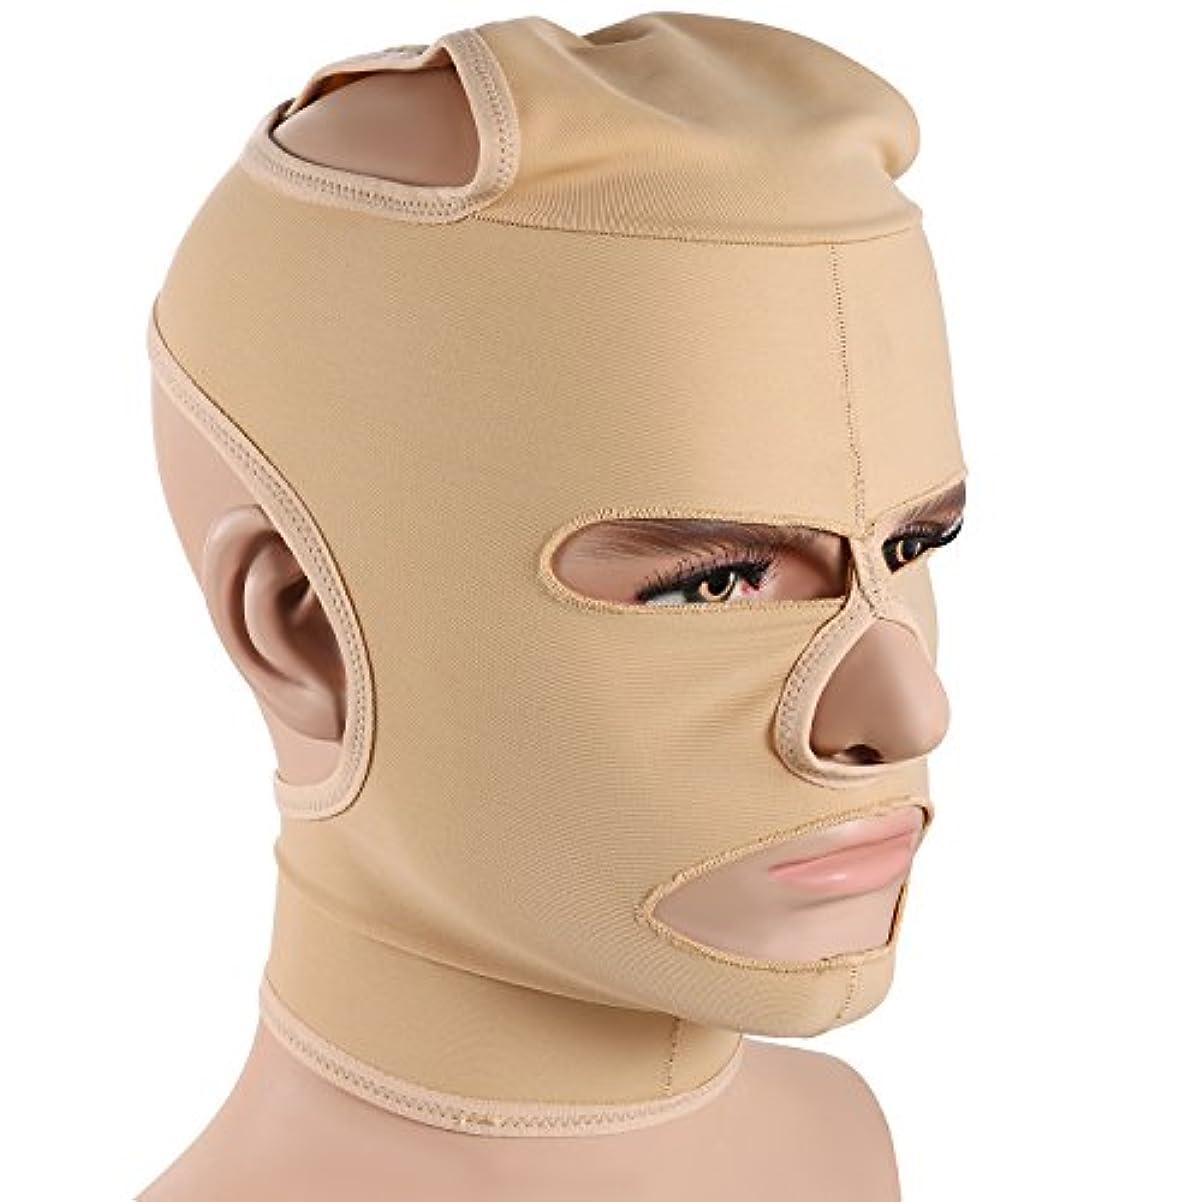 あたたかい過言路面電車JewelryWe 小顔補正マスク 小顔ベルト 法令線予防 シワ防止 美顔 額、顎下、頬リフトアップ 男女兼用 Mサイズ